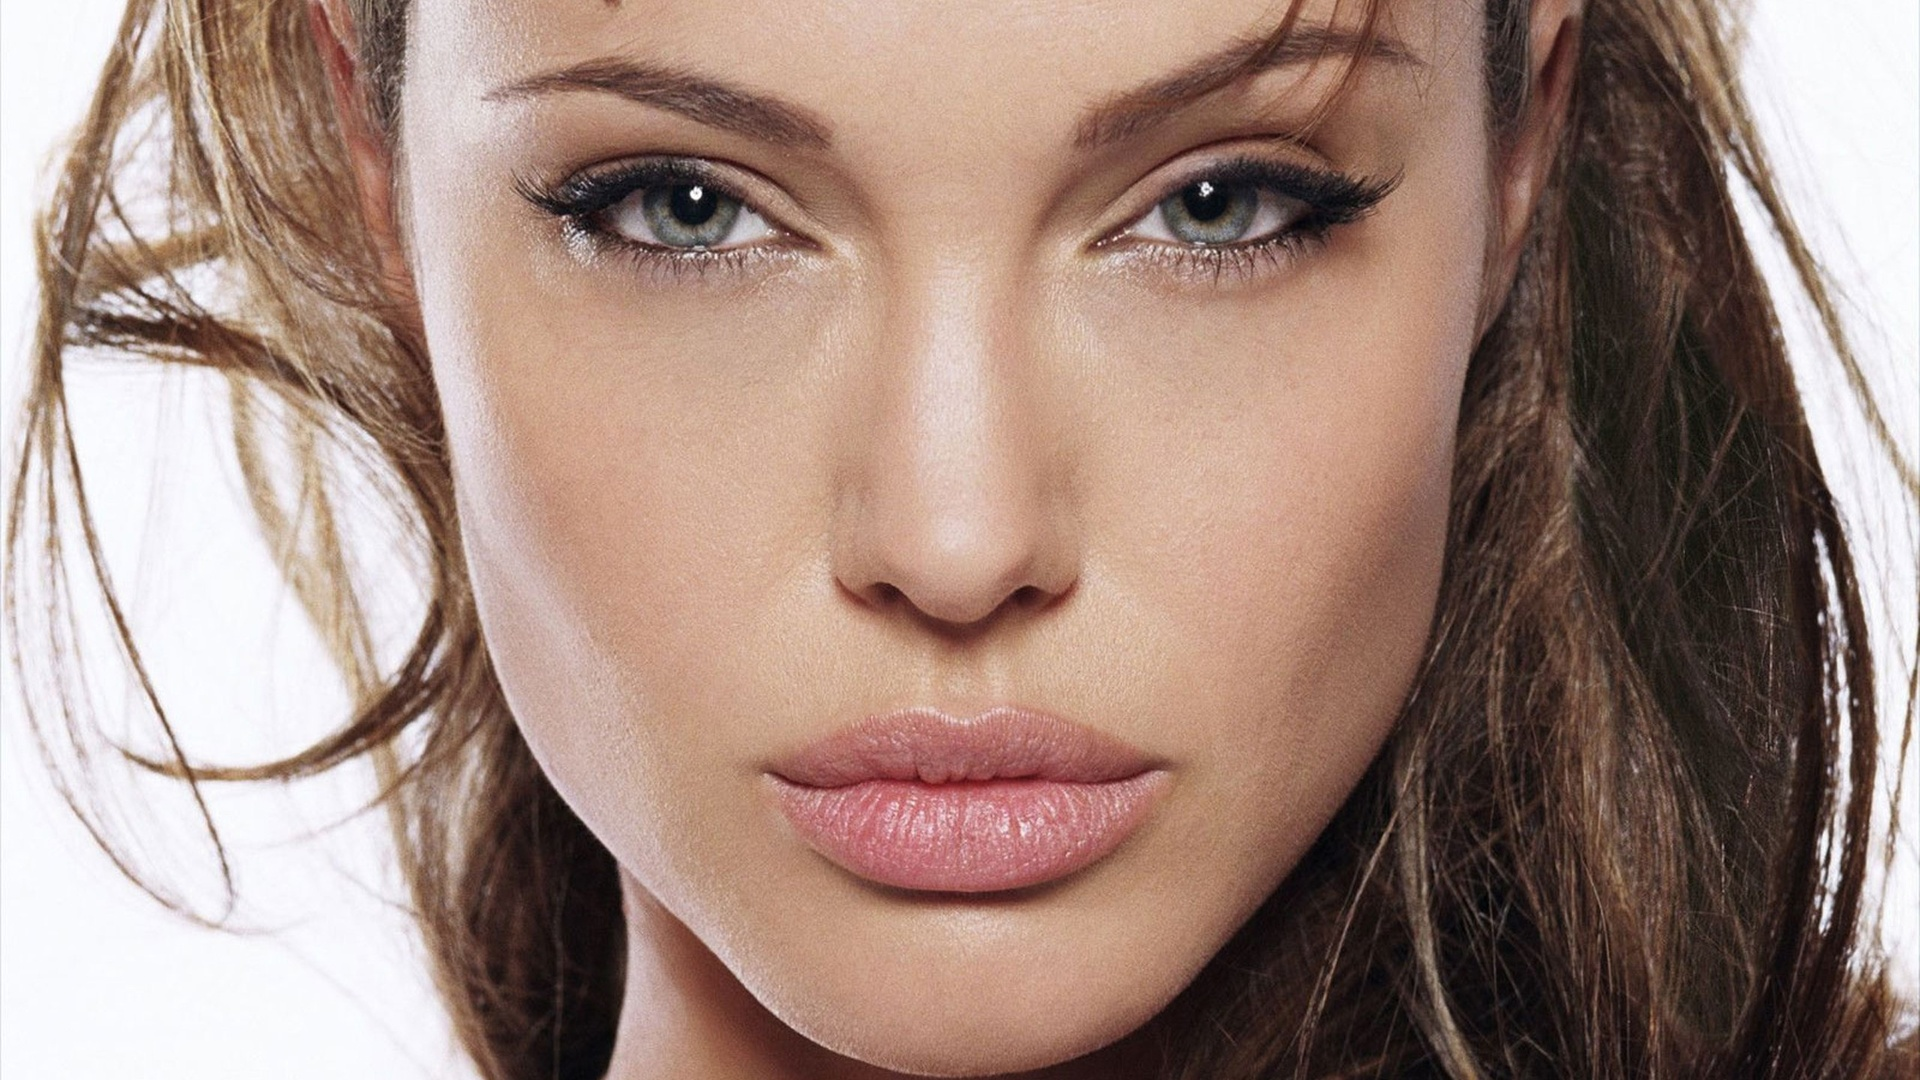 Анджелина Джоли в тяжелом состоянии попала в больницу